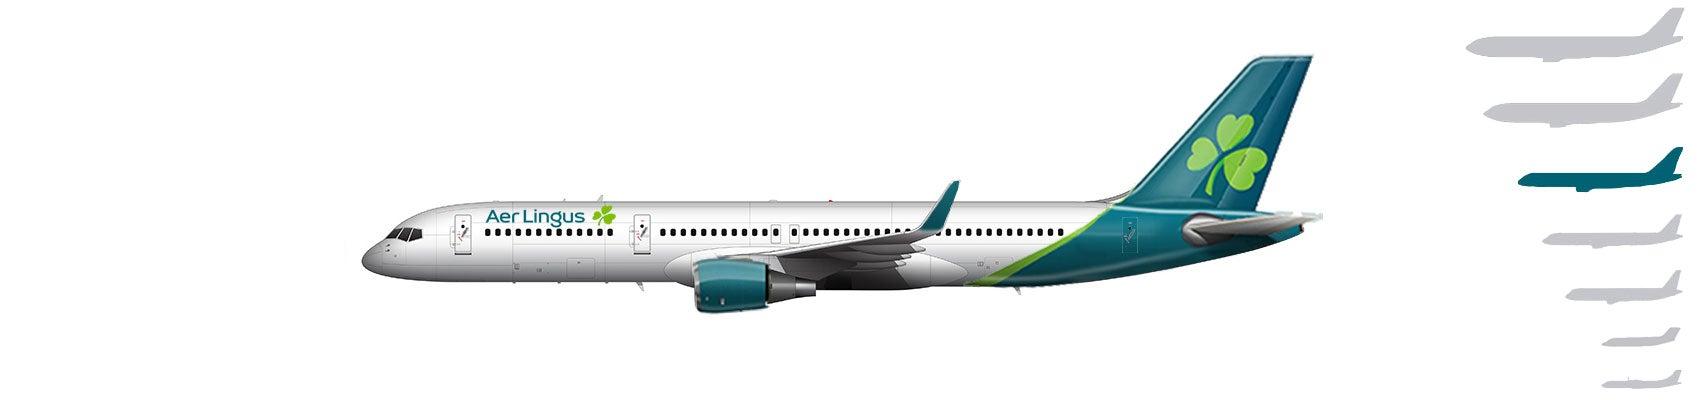 Boeing 757 Aer Lingus